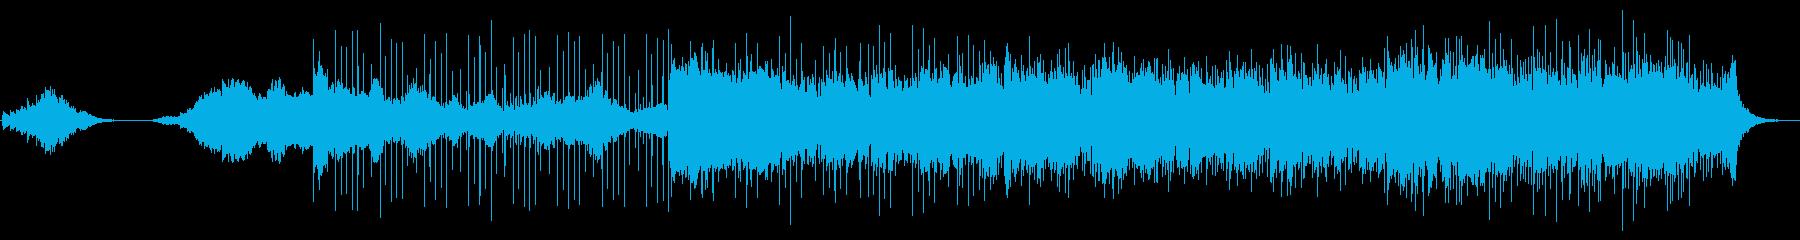 このアンダースコアキューは、劇的な...の再生済みの波形